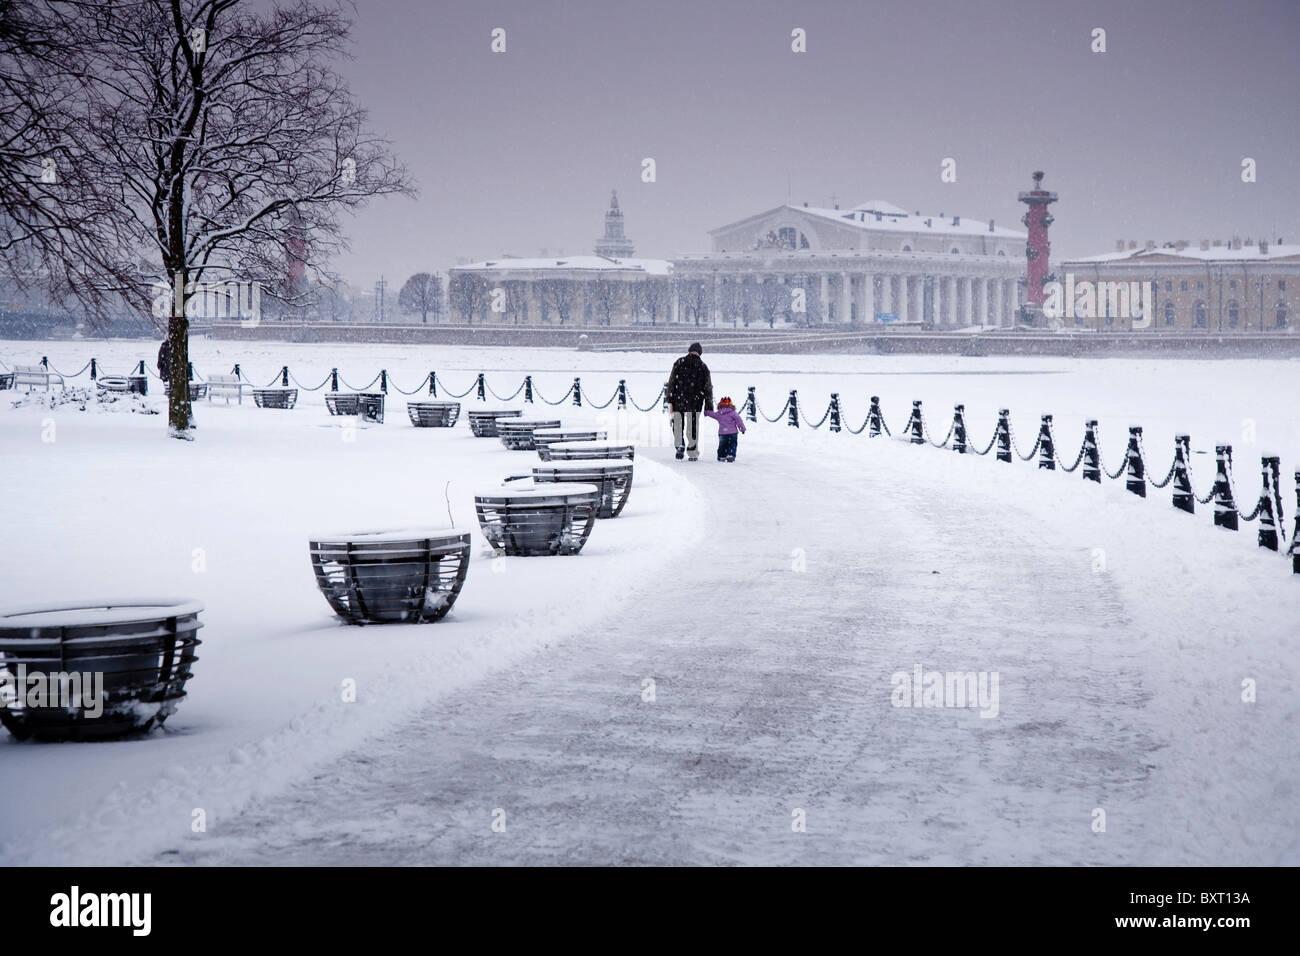 Kind on an The split of Vasilyevsky Island, Saint-Petersburg, Russia - Stock Image